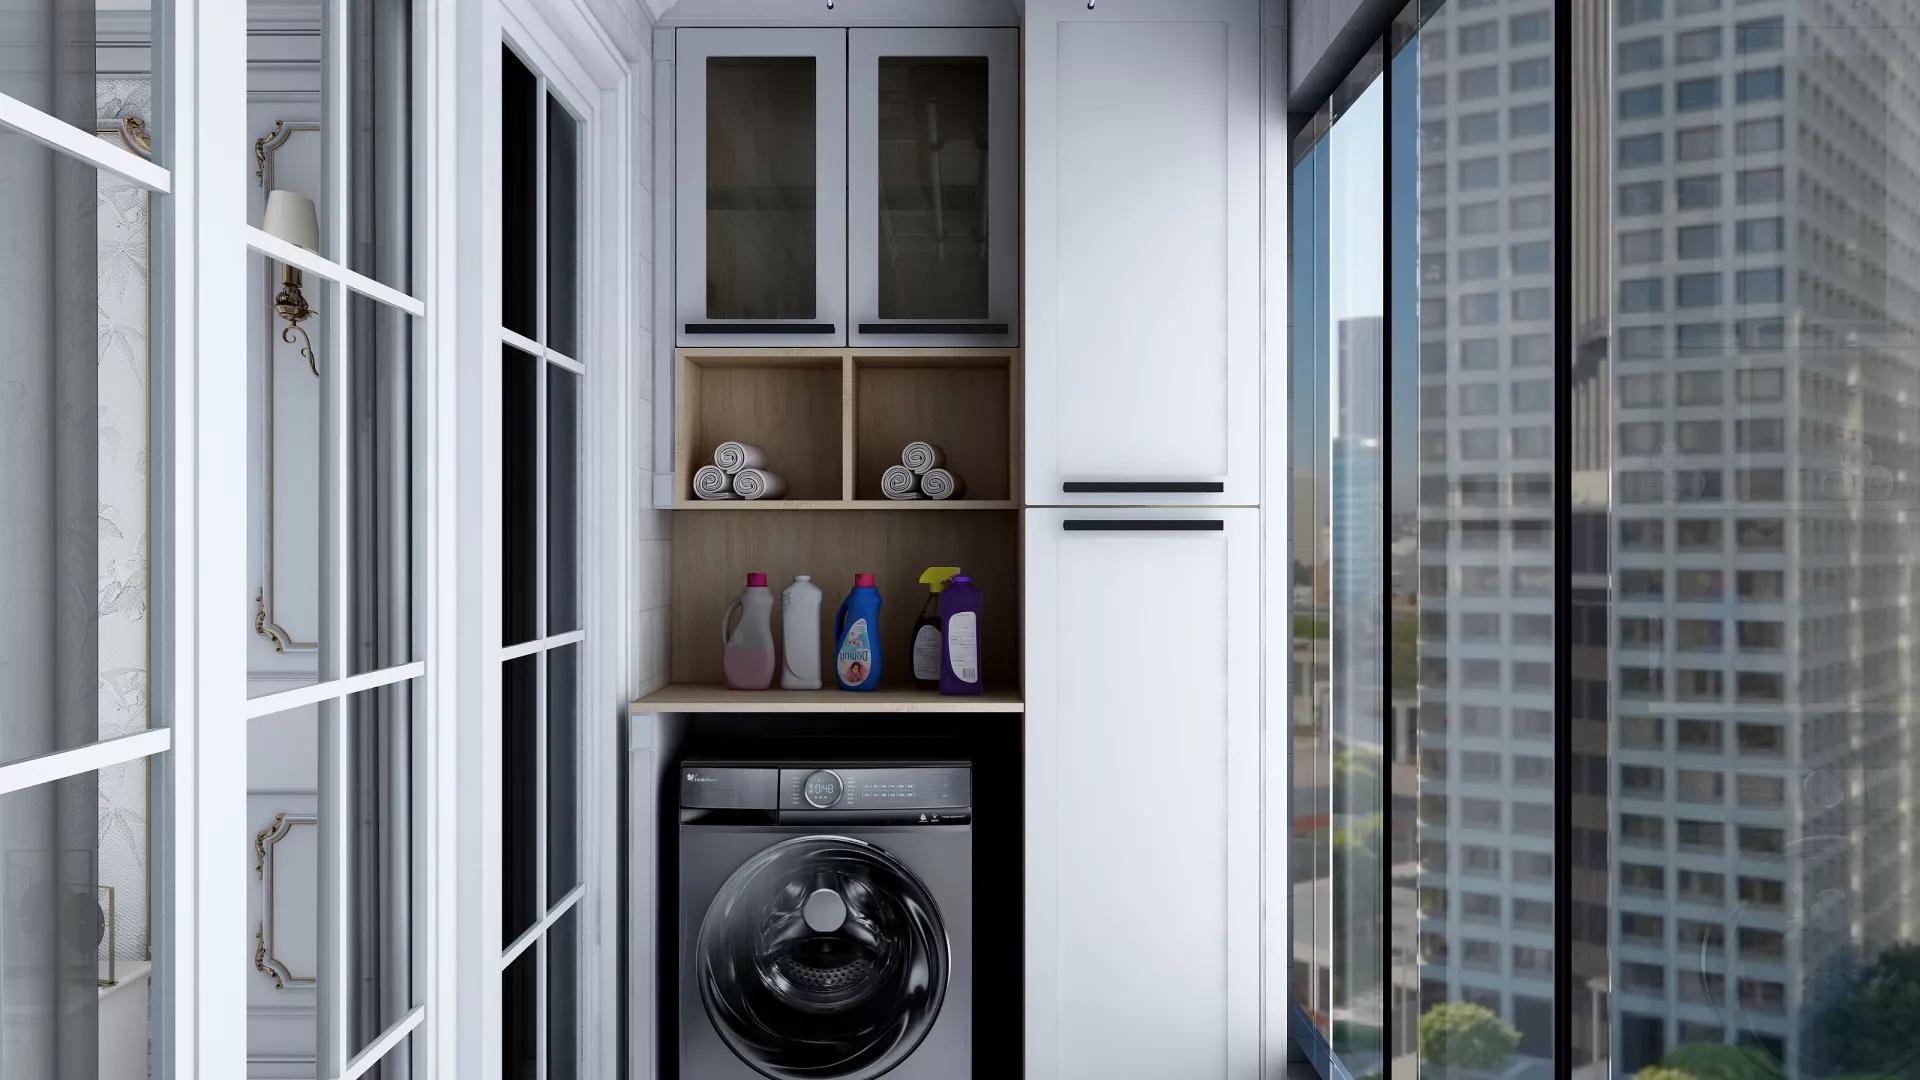 简约风格日式家居装饰装修效果图